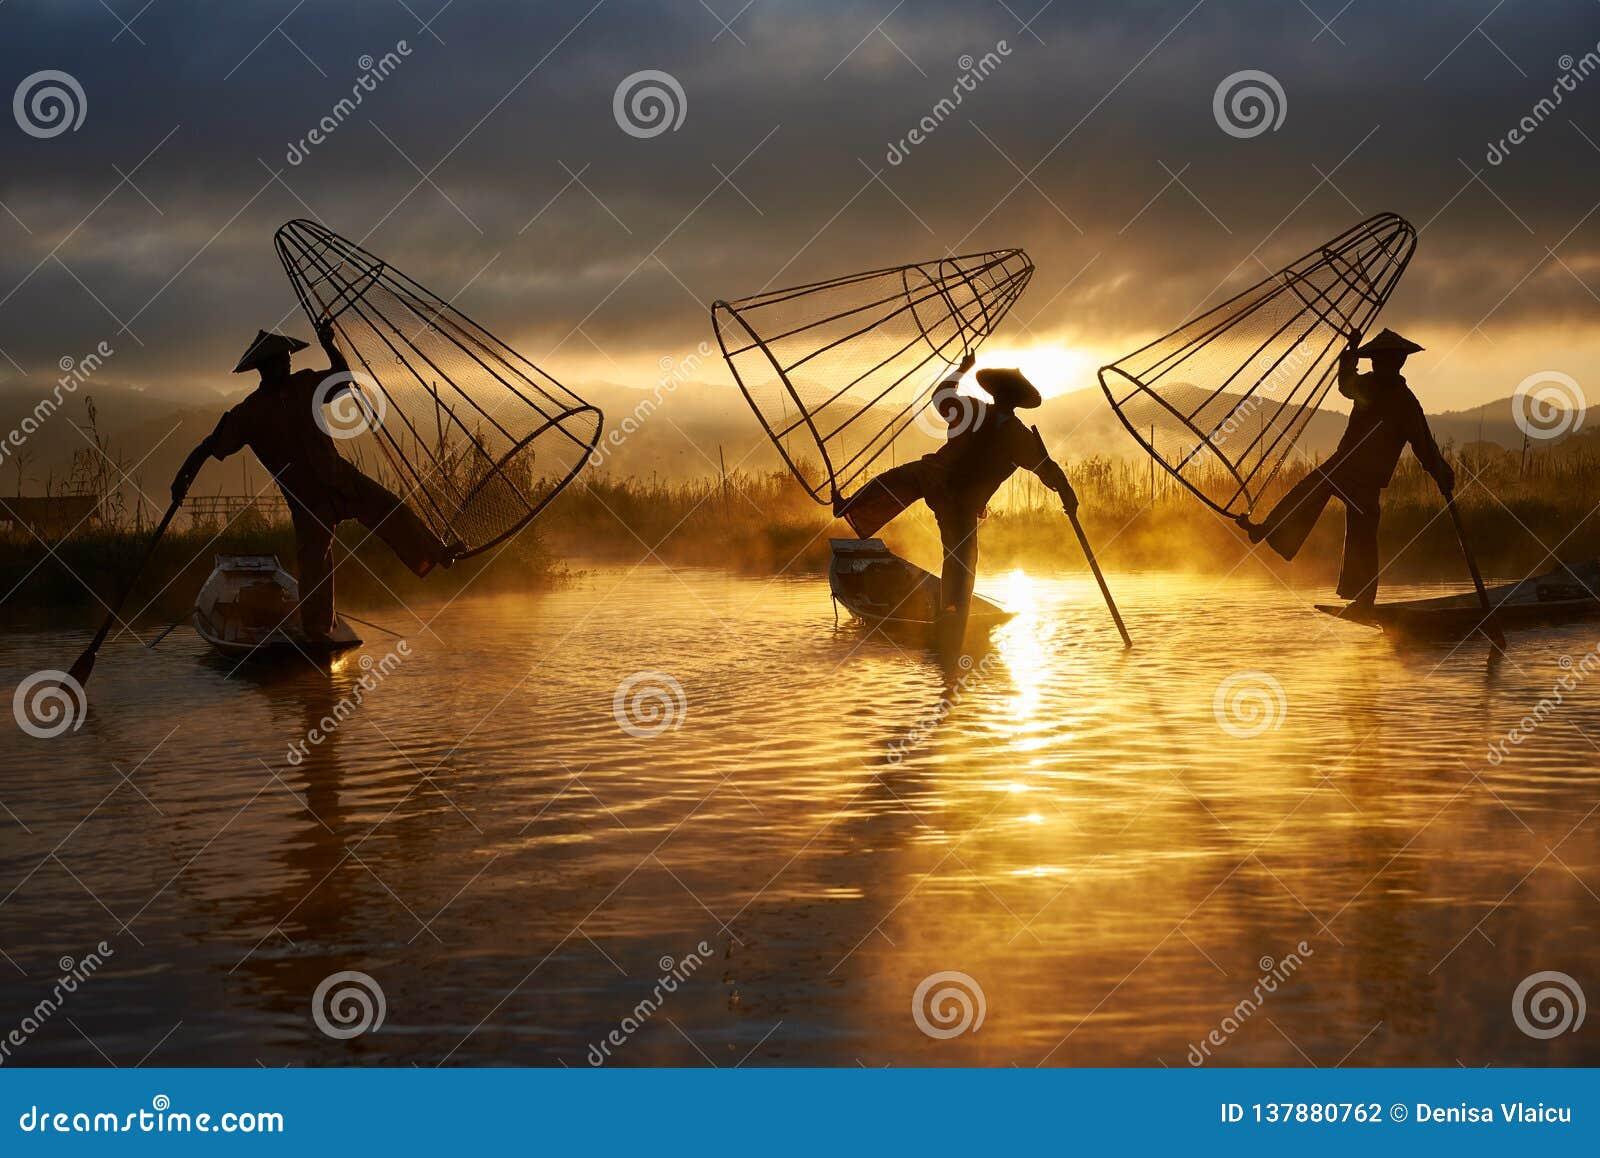 Siluetas de tres pescadores en el lago Myanmar Inle